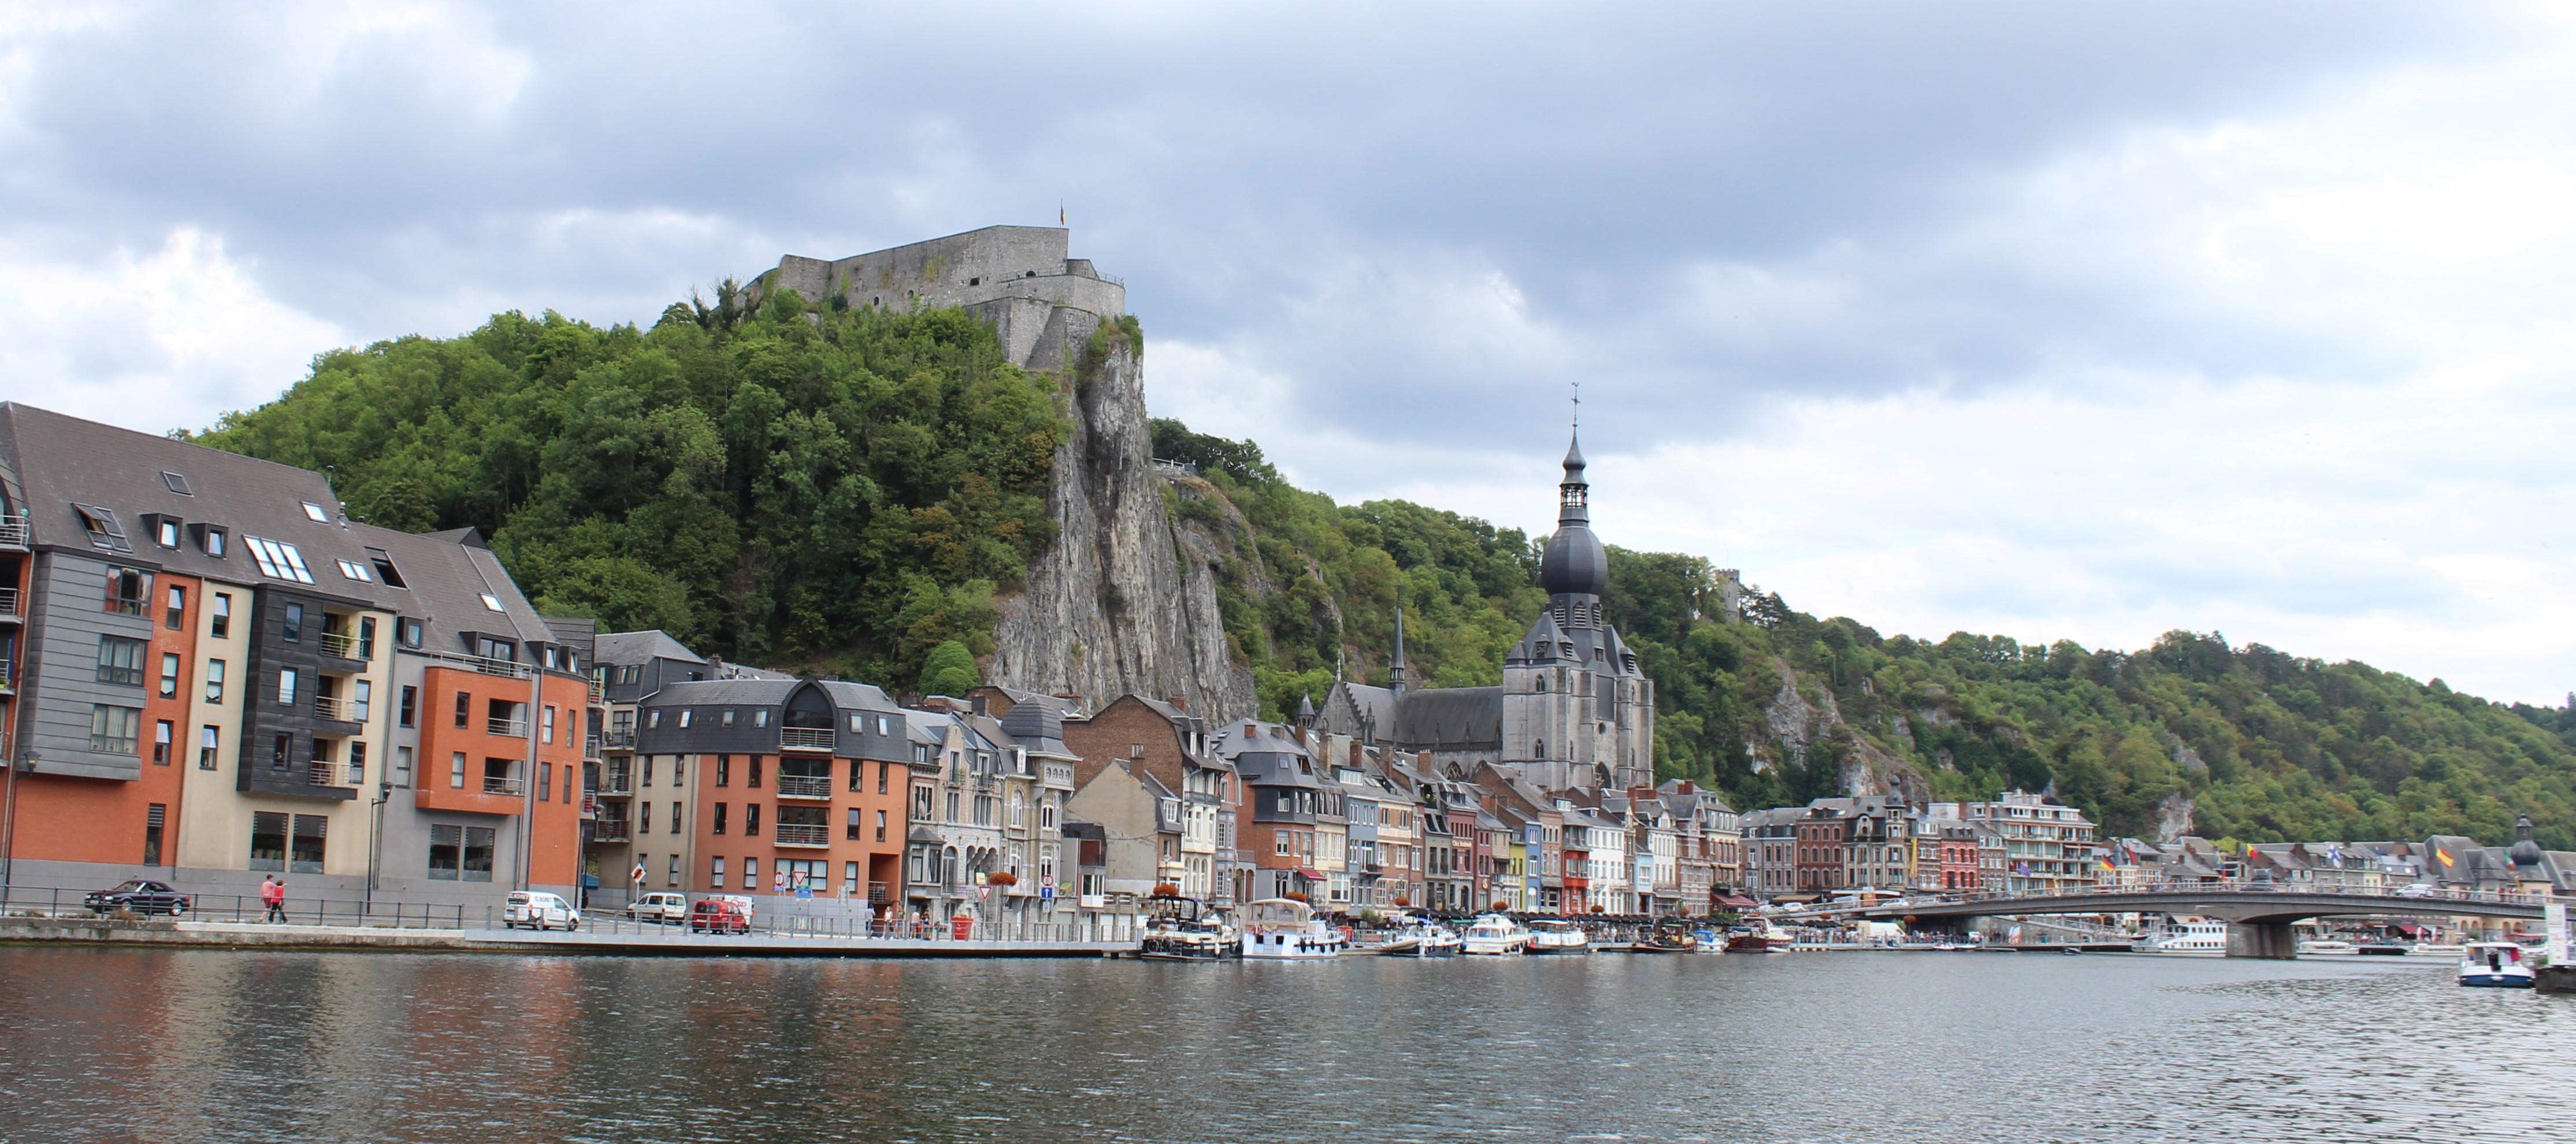 Hoch oben über dem Fluss – Festungen entlang der Maas